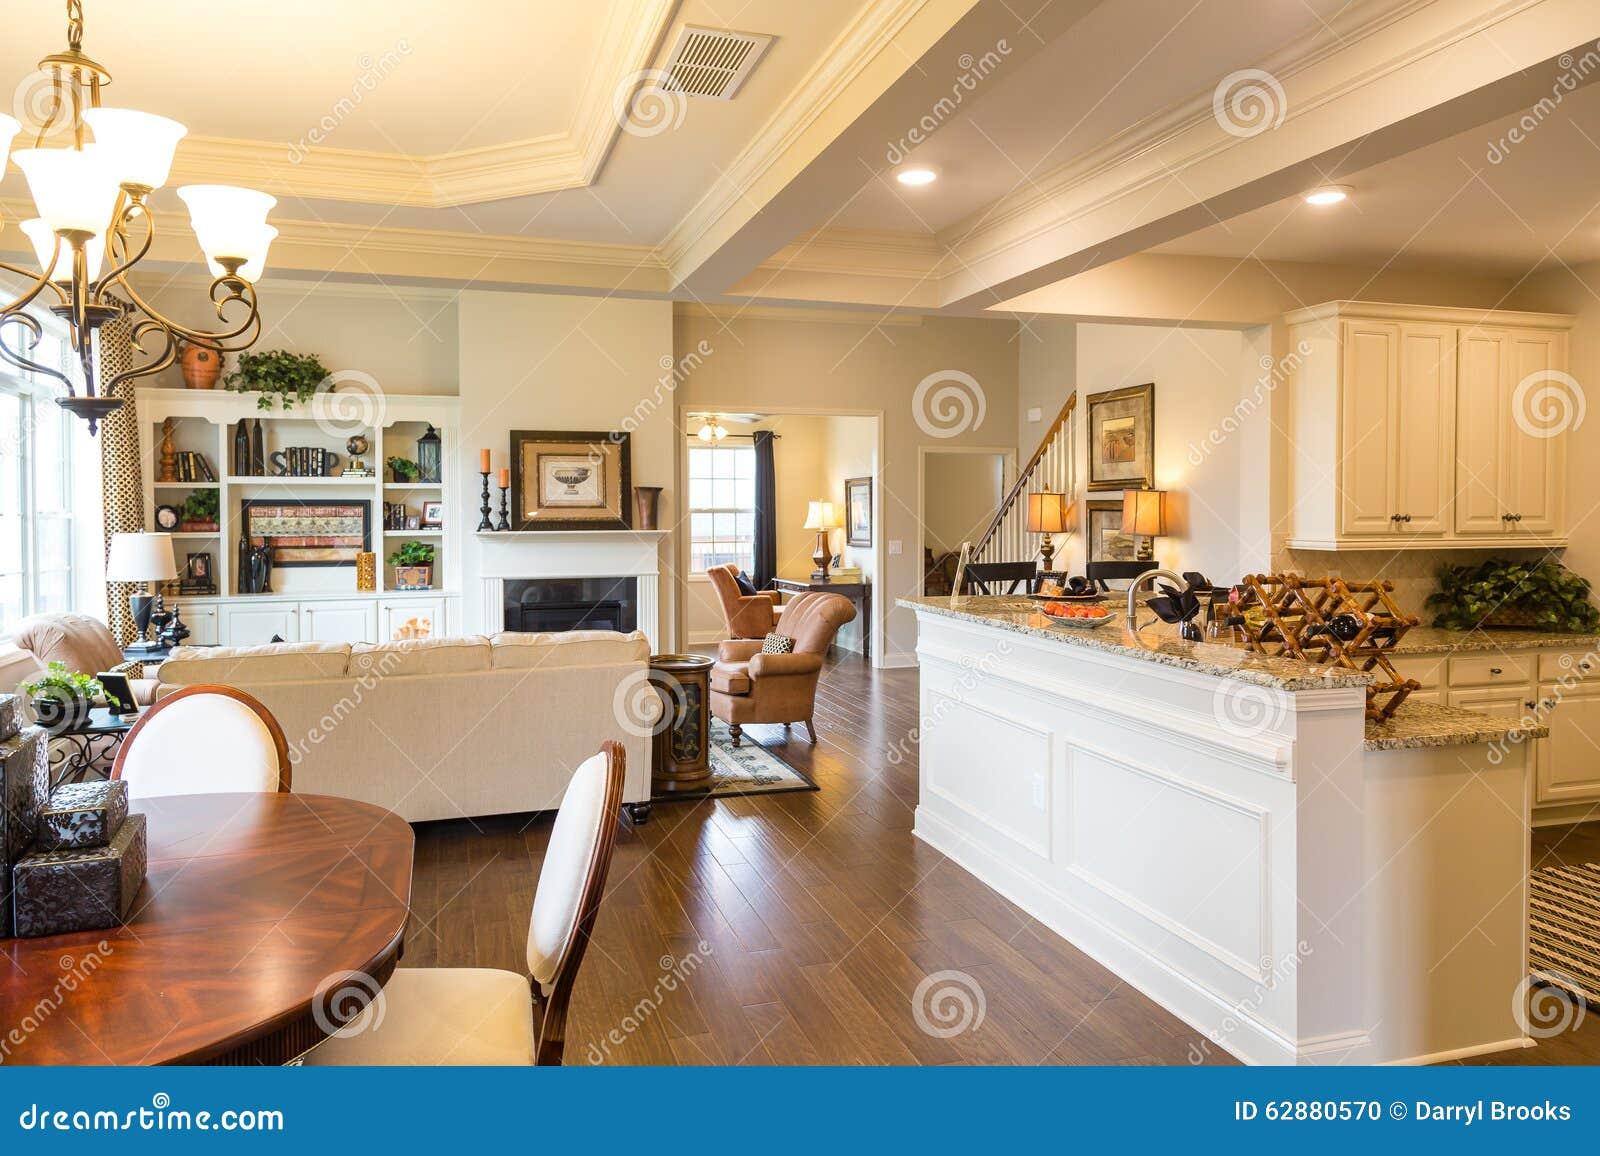 Kuchen Hohle Und Esszimmer Im Neuen Haus Stockfoto Bild Von Innen